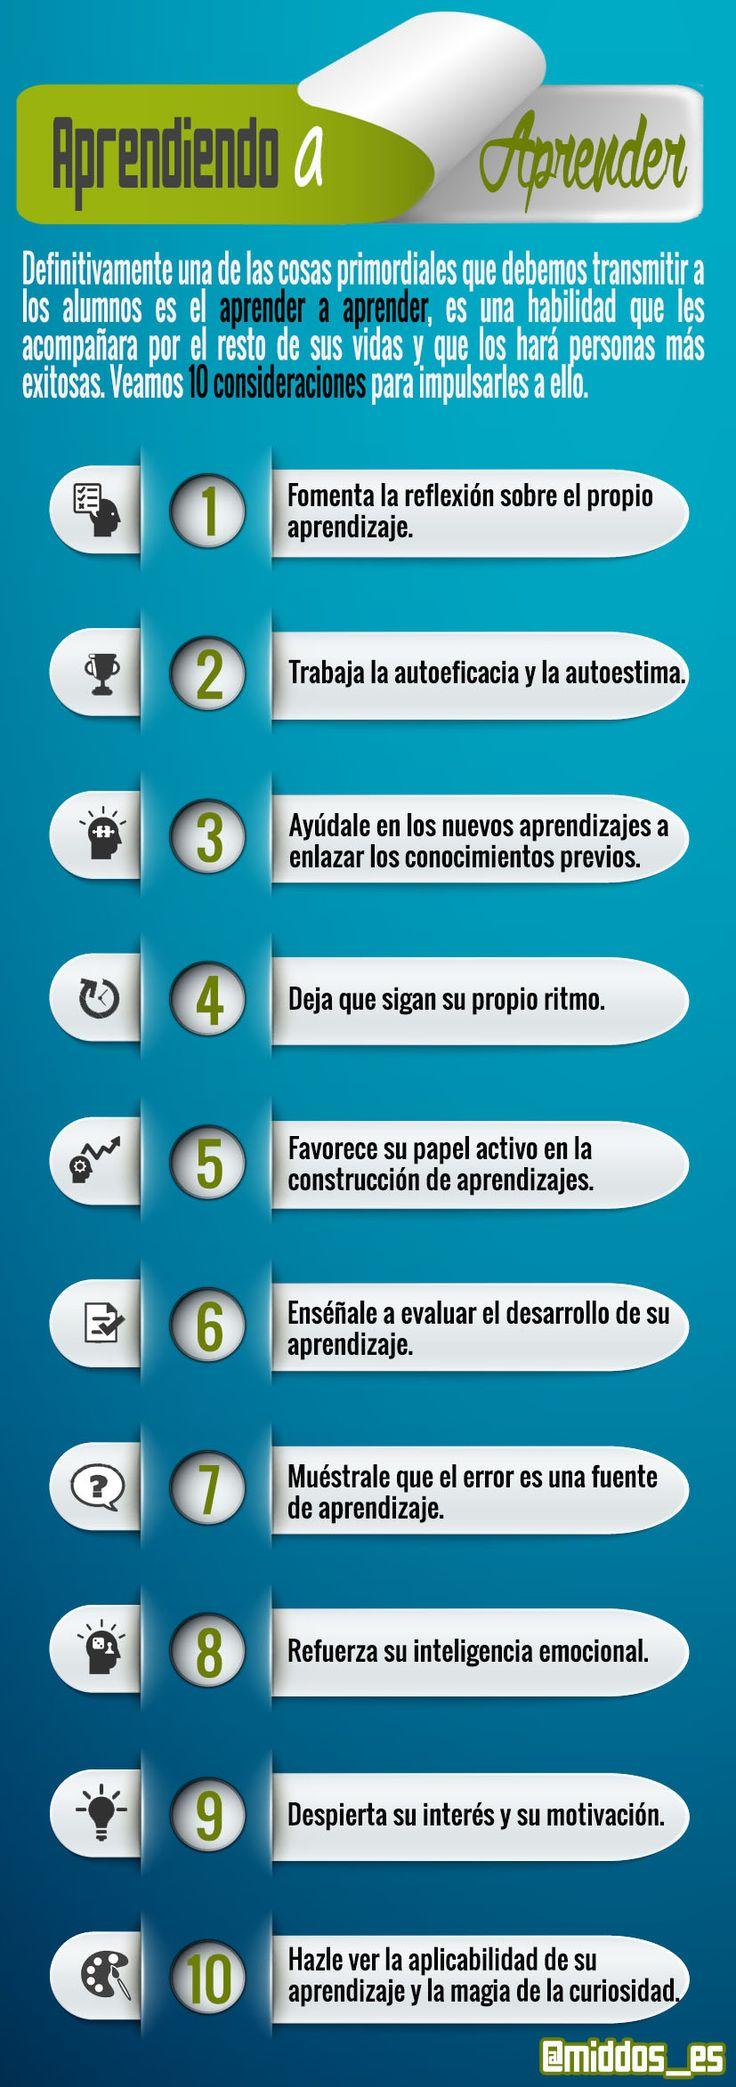 #educación #educaciononline Aprendiendo a aprender... #infografia http://s29.postimg.org/s9wx7oep3/Aprendiendo_a_aprender.jpg …